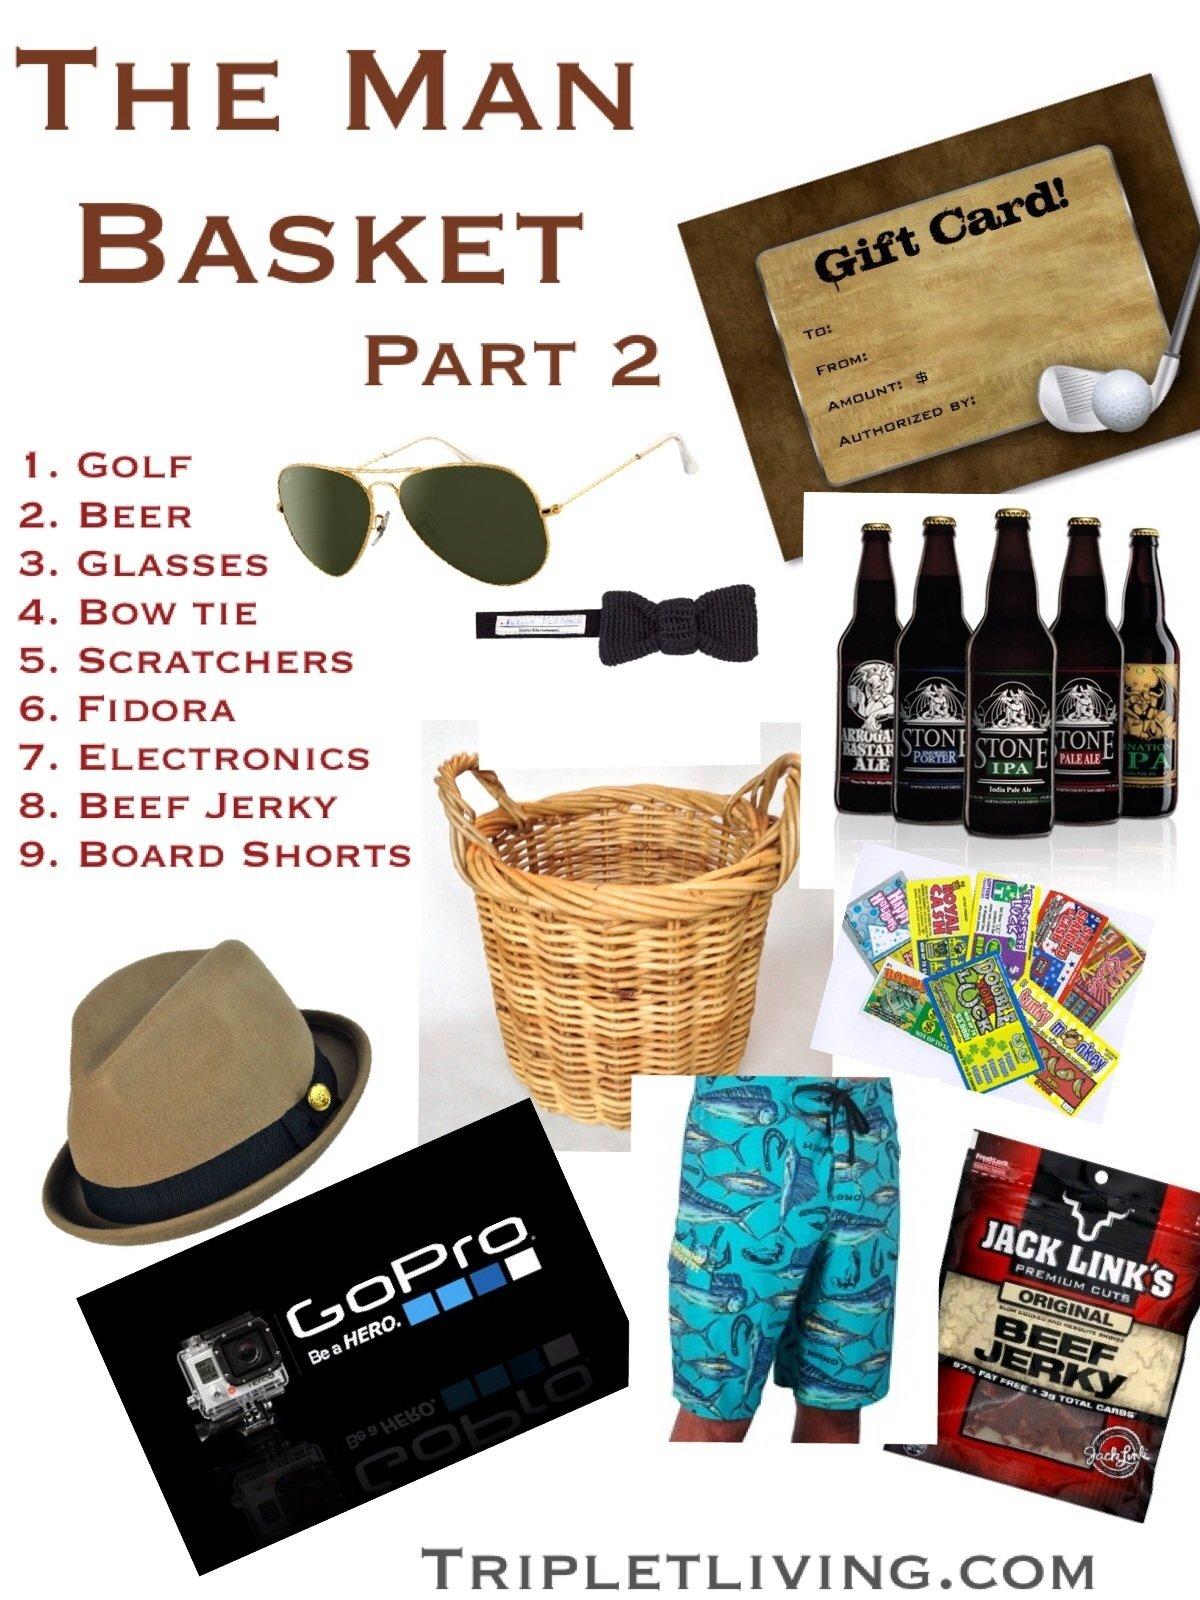 10 Beautiful Easter Basket Ideas For Men the man basket partii triplet living